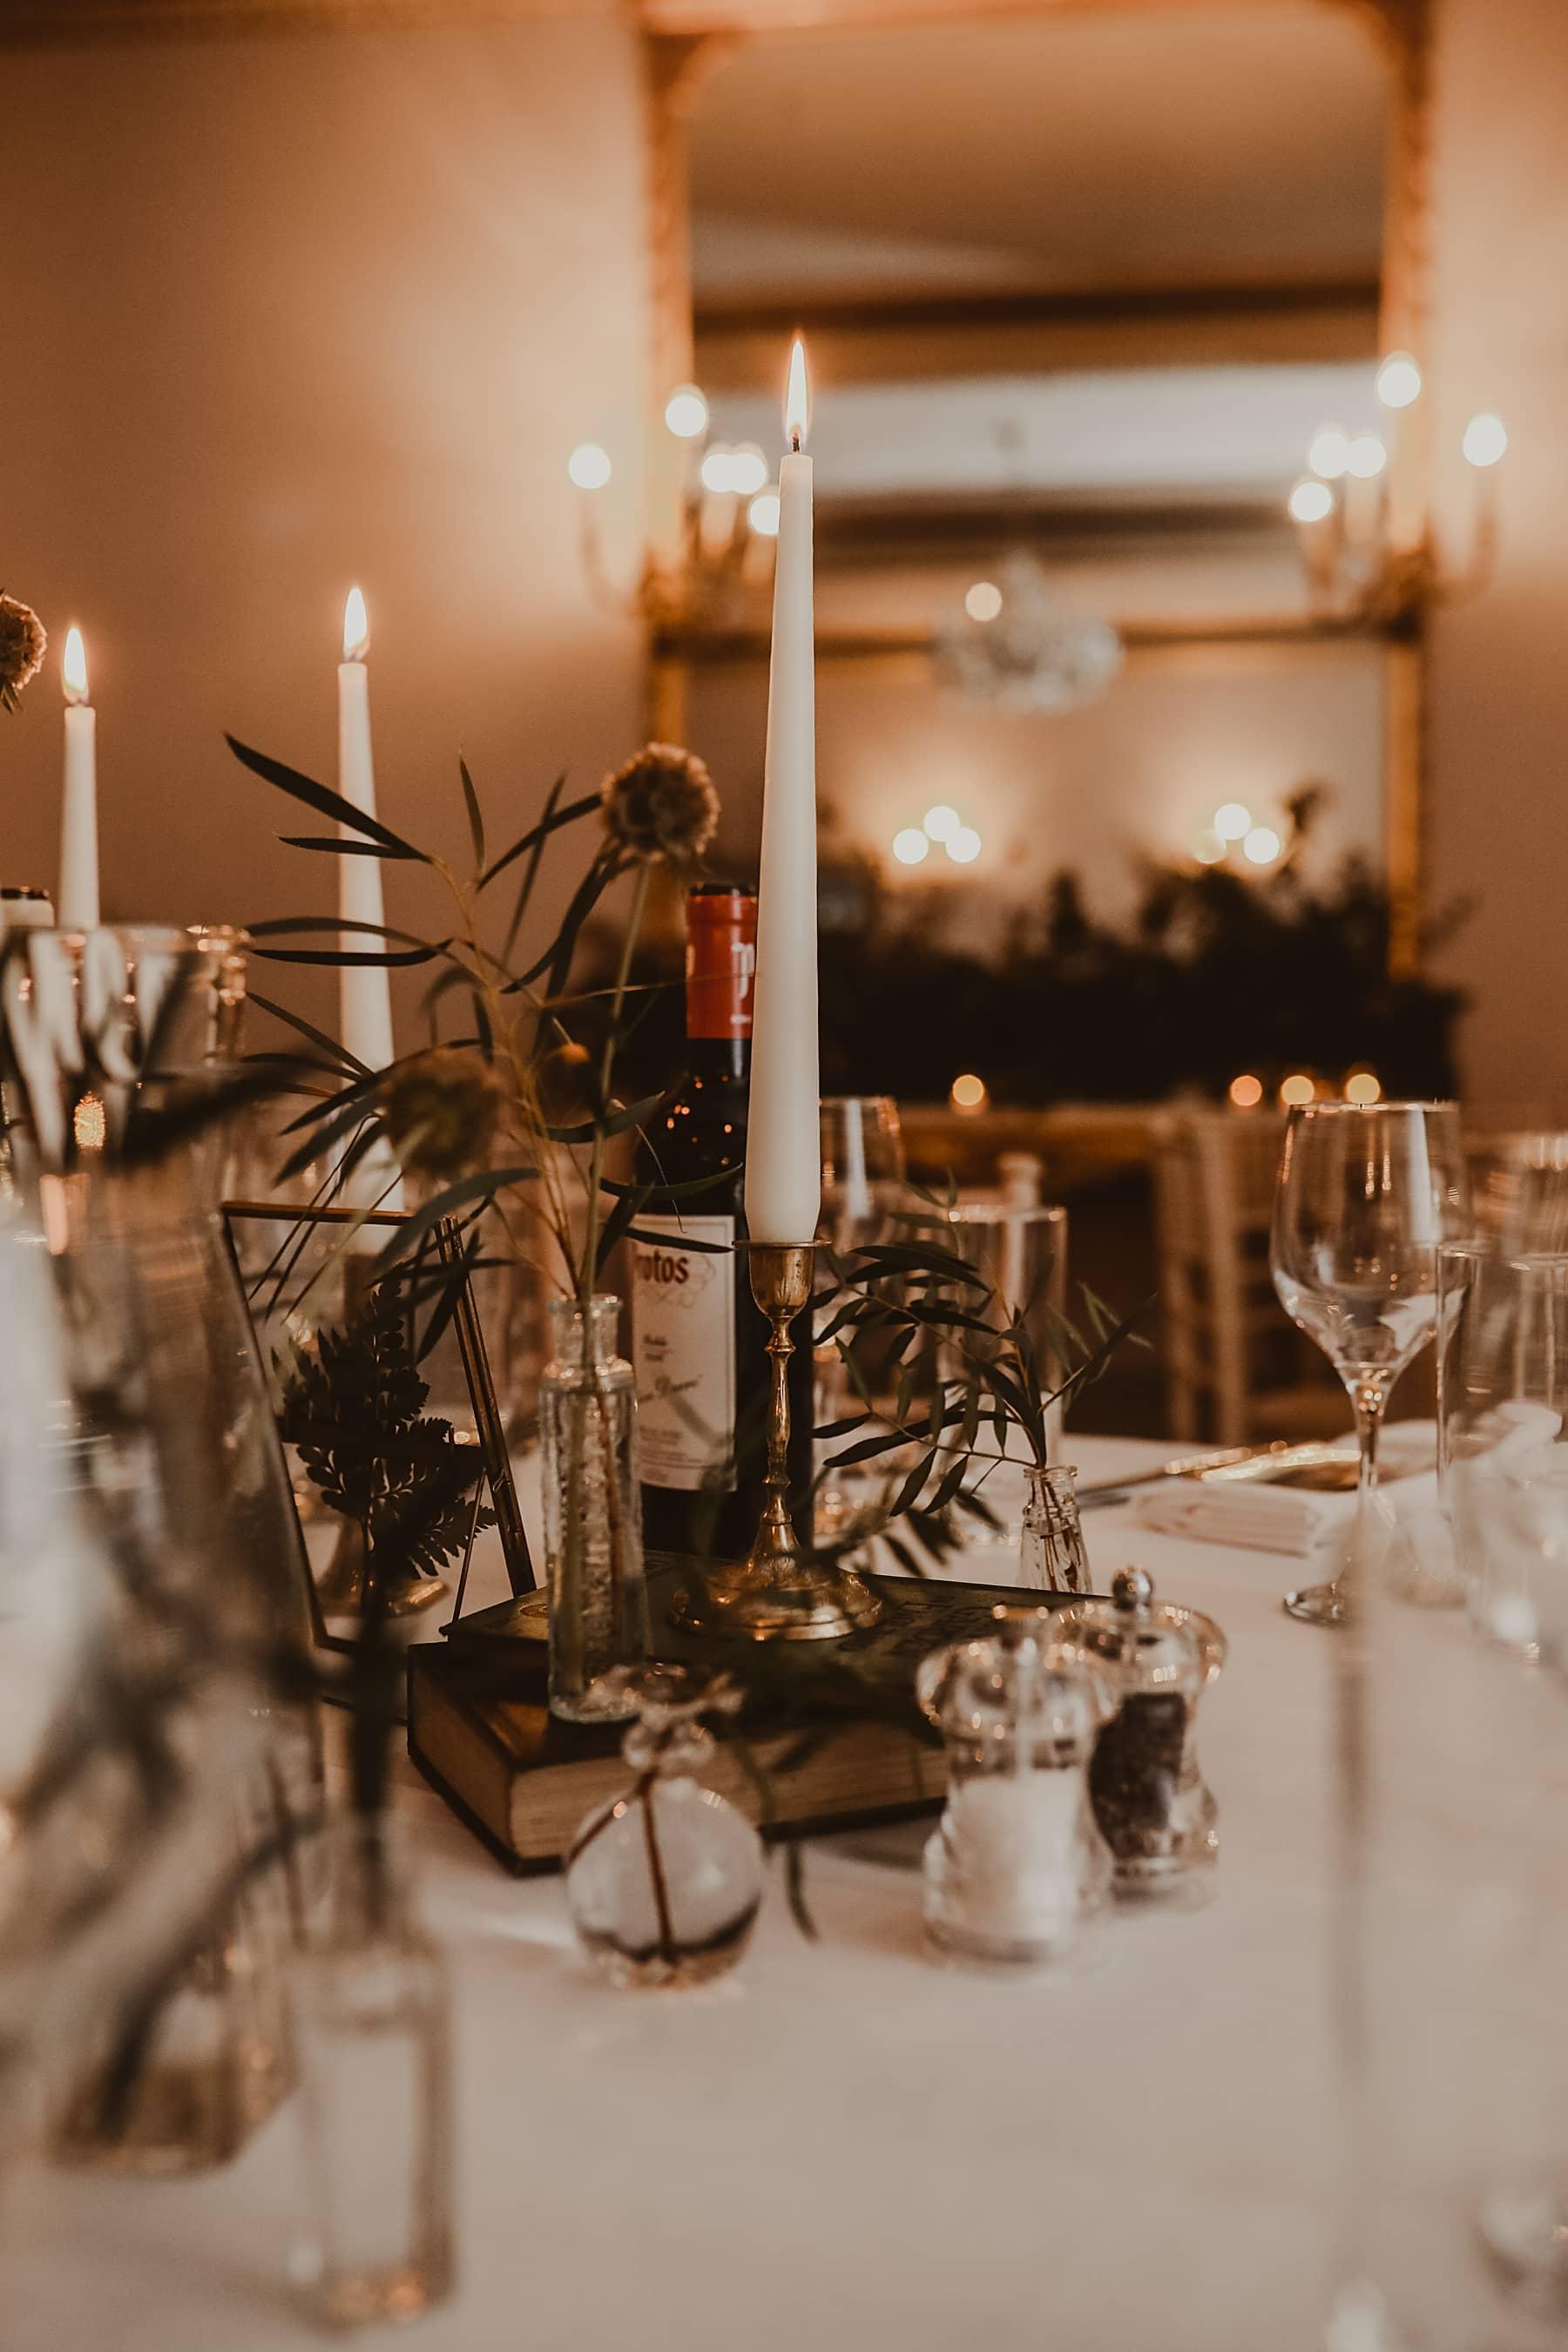 Candle lit details- Garthmyl Hall